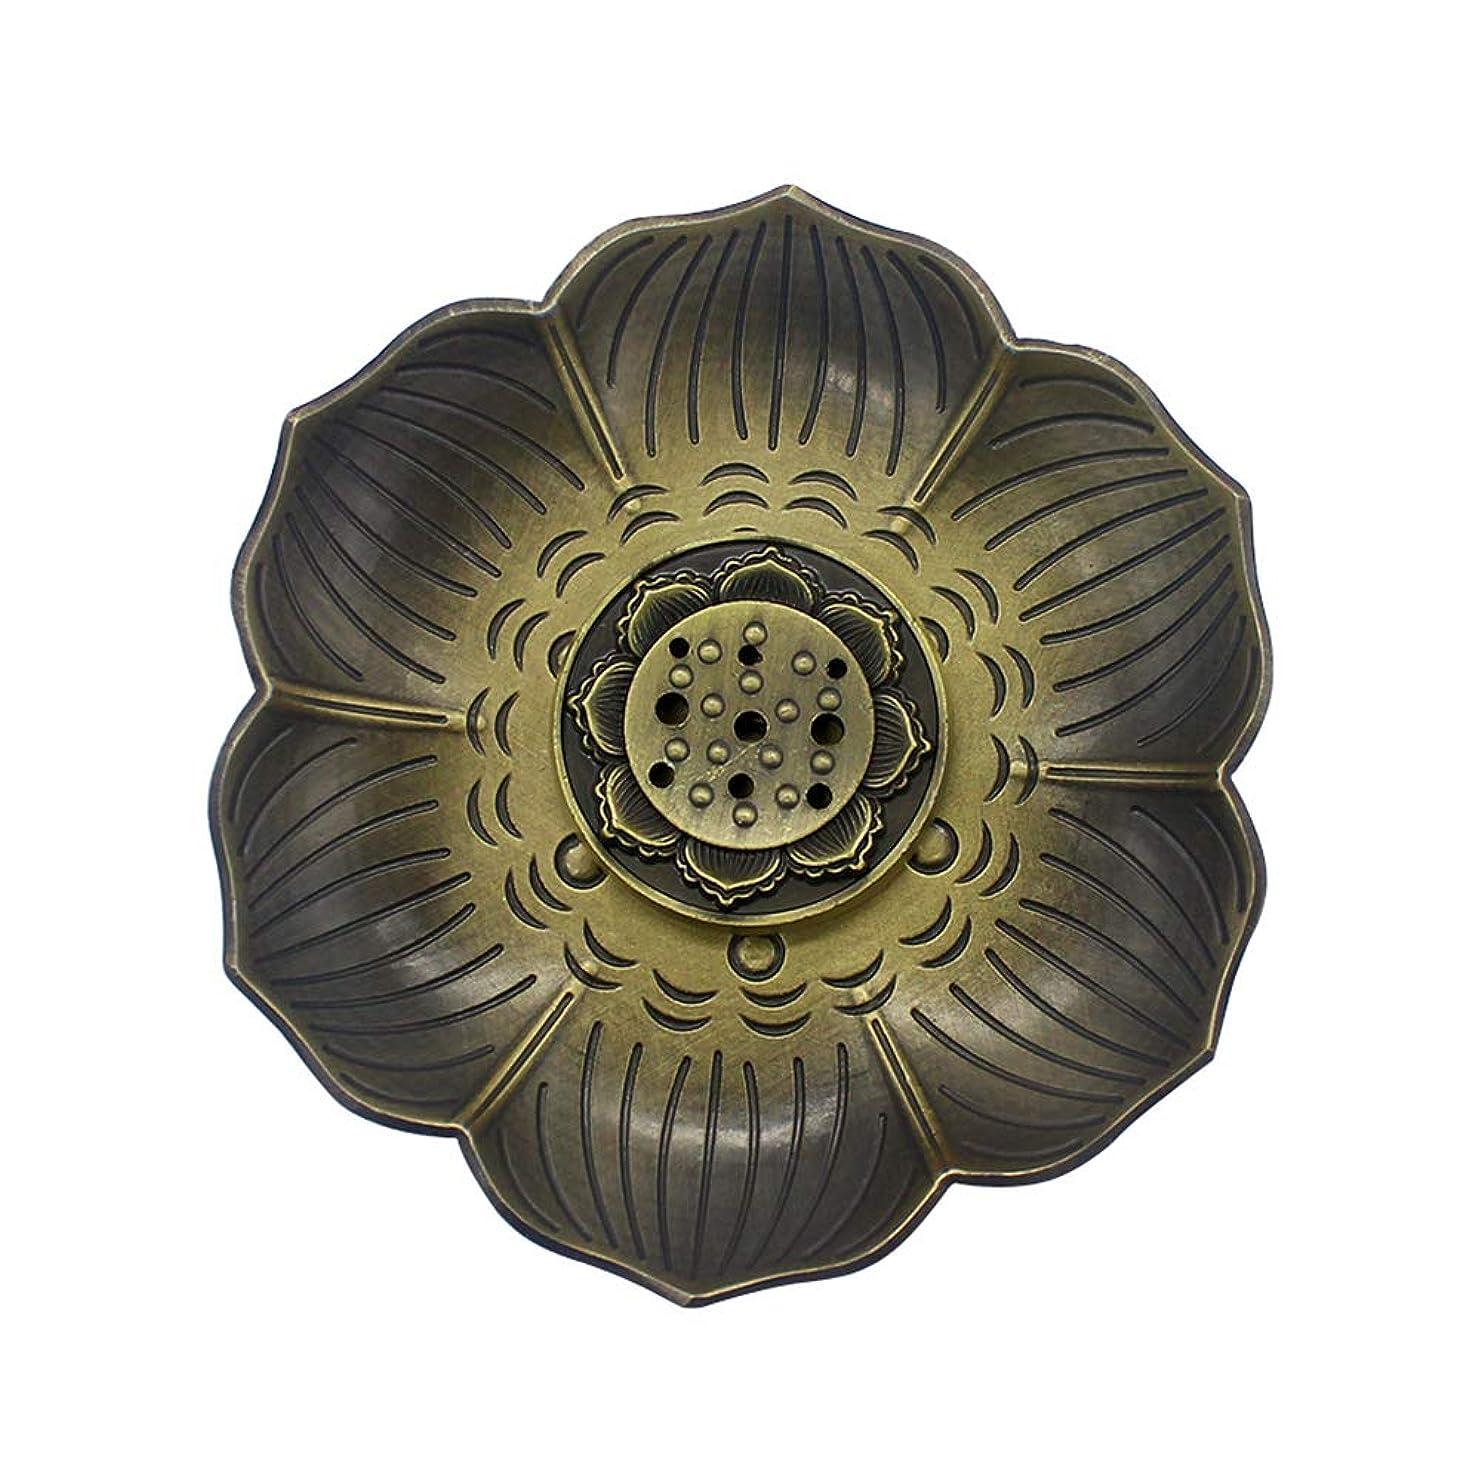 寓話識字プレゼンMyLifeUNITブロンズLotus Incenseホルダー、多目的香炉お香の円錐、またはコイル